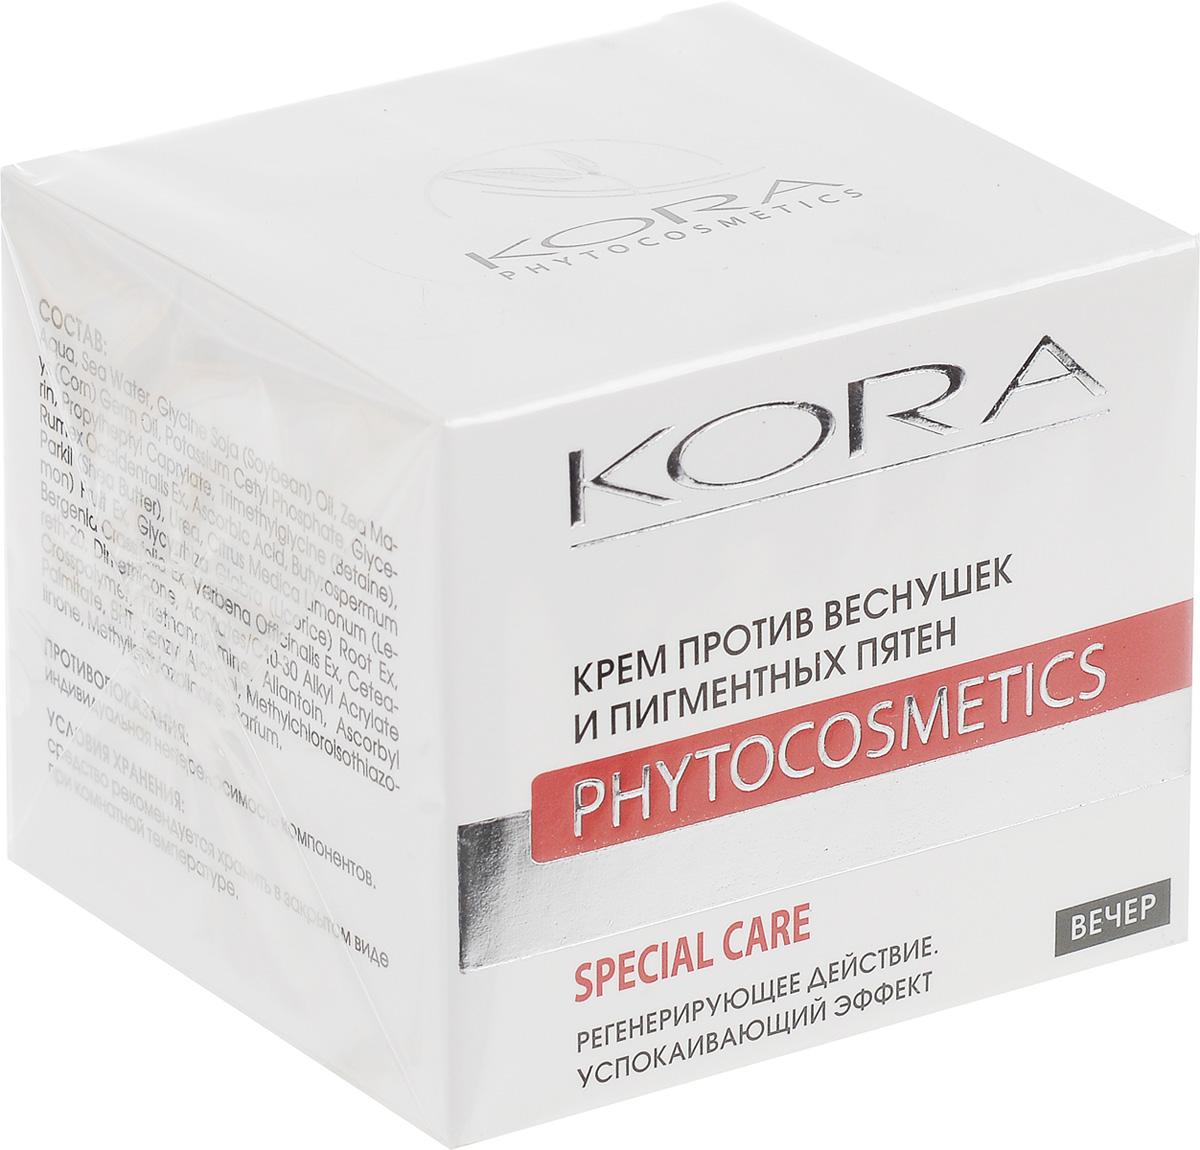 KORA Крем против веснушек и пигментных пятен, осветление тона кожи, 50 мл3502Крем Кора предназначен для осветления кожи с избыточной пигментацией (веснушки, возрастные пигментные пятна, последствия дерматологических вмешательств: пилинги, лазерные процедуры, а также в постакне период).Активный комплекс компонентов с осветляющим действием: витамин С, экстракты лимона, конского щавеля, бадана, солодки, воздействуя на разные этапы синтеза меланина, уменьшает гиперпигментацию, постепенно делая тон кожи однородным, препятствует образованию новых пигментных пятен.Растительные масла в сочетании с суперувлажняющим комплексом успокаивают и смягчают кожу, повышают ее защитные функции, способствуют сохранению водного баланса, придают коже бархатистость и красивый цвет.Экстракт вербены помогает выровнять микрорельеф кожи и уменьшить глубину морщин, обладает лифтинг-эффектом, тонизирует и смягчает кожу.Термальная вода благодаря оптимальному содержанию микроэлементов быстро восстанавливает минеральный баланс кожи, повышает защитный потенциал эпидермиса.Применение: не имеет возрастных ограничений.Вечером нанести легкими массажными движениями на увлажненную тоником кожу лица, шеи и область декольте или локально на участки с повышенной пигментацией. Характеристики:Объем: 50 мл. Артикул: 3501. Производитель: Россия. Товар сертифицирован.